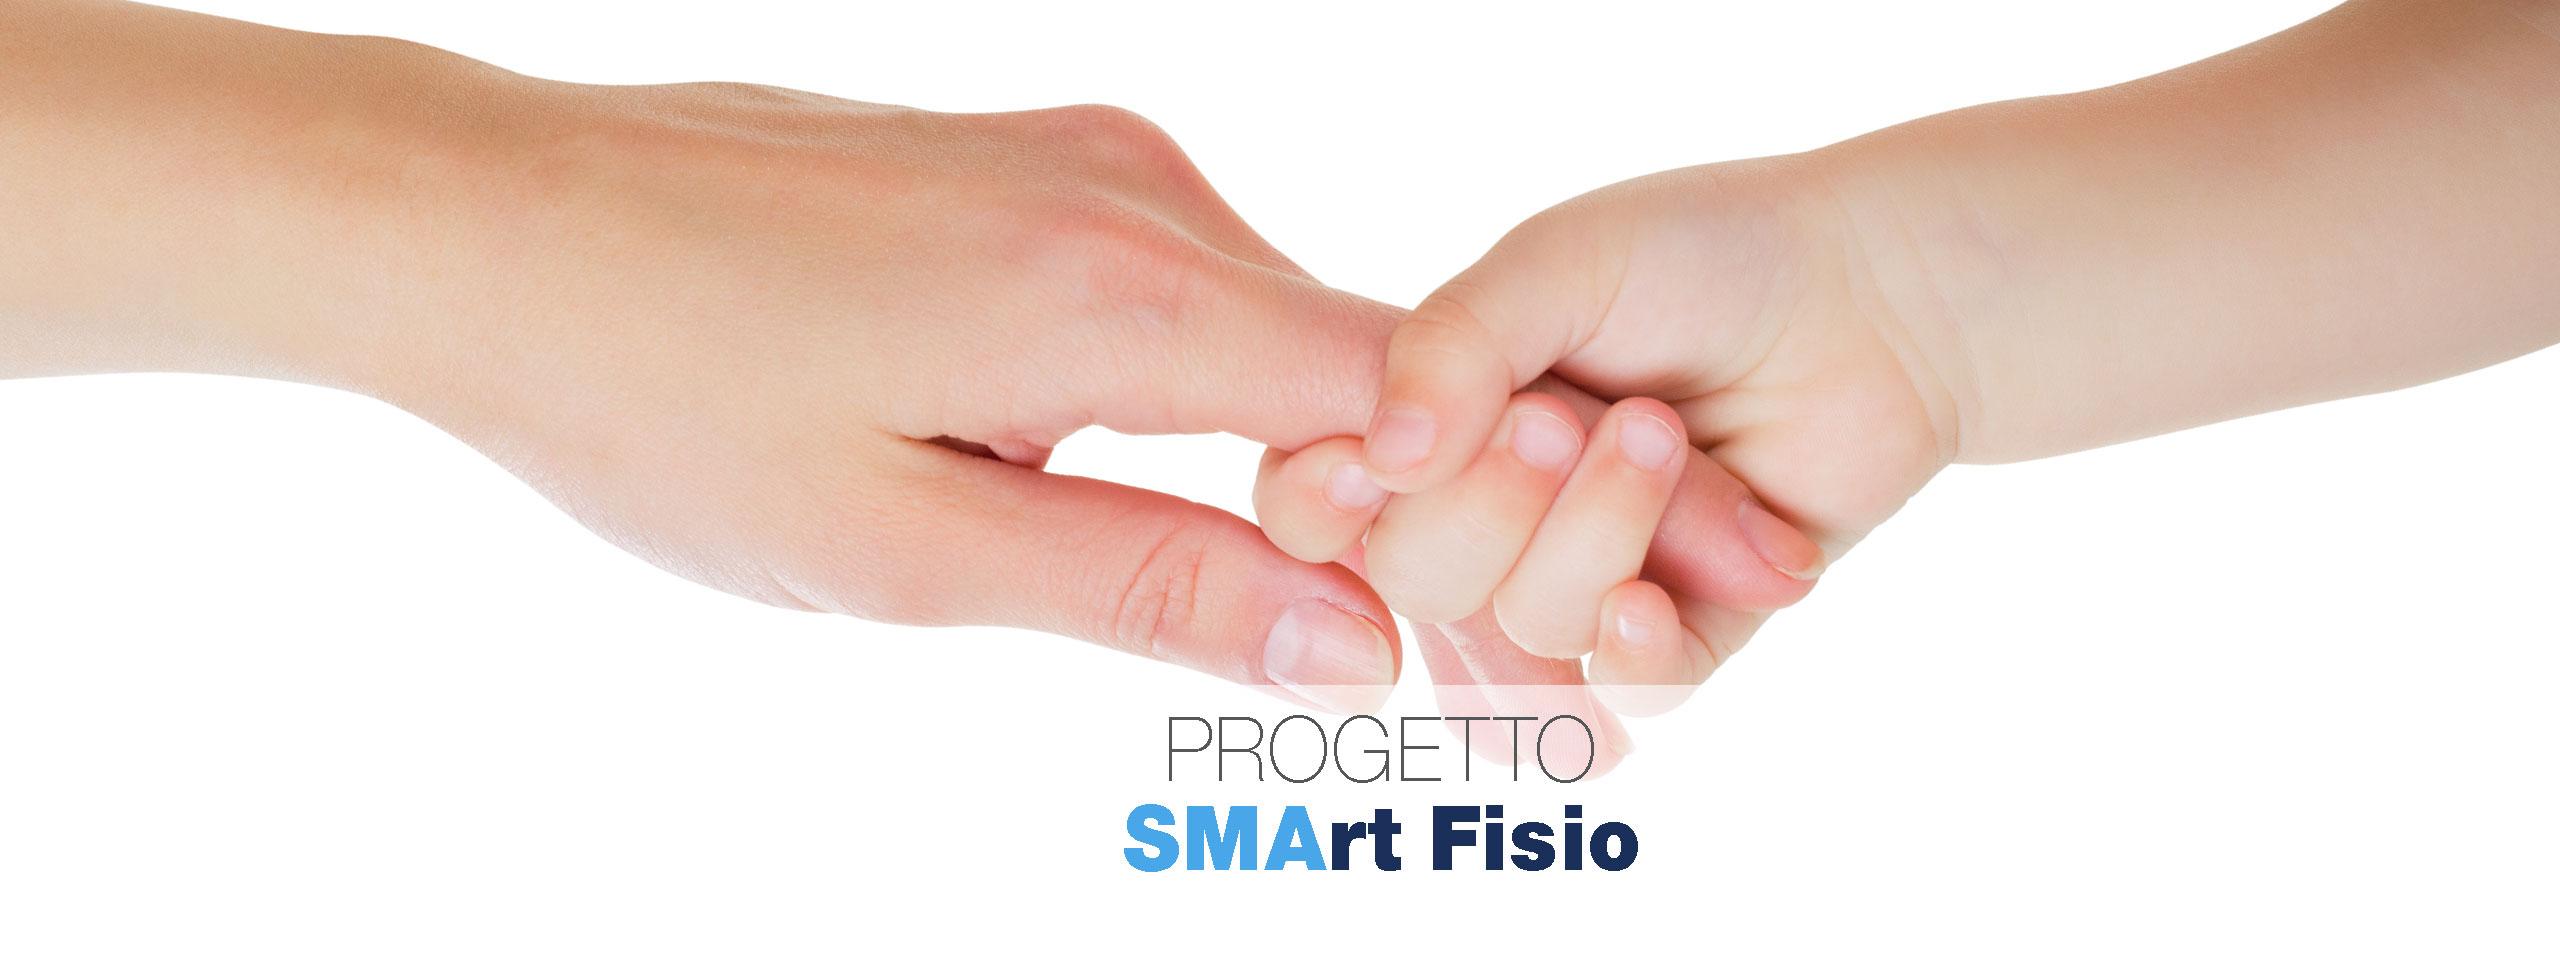 Progetto SMArt Fisio Famiglie SMA